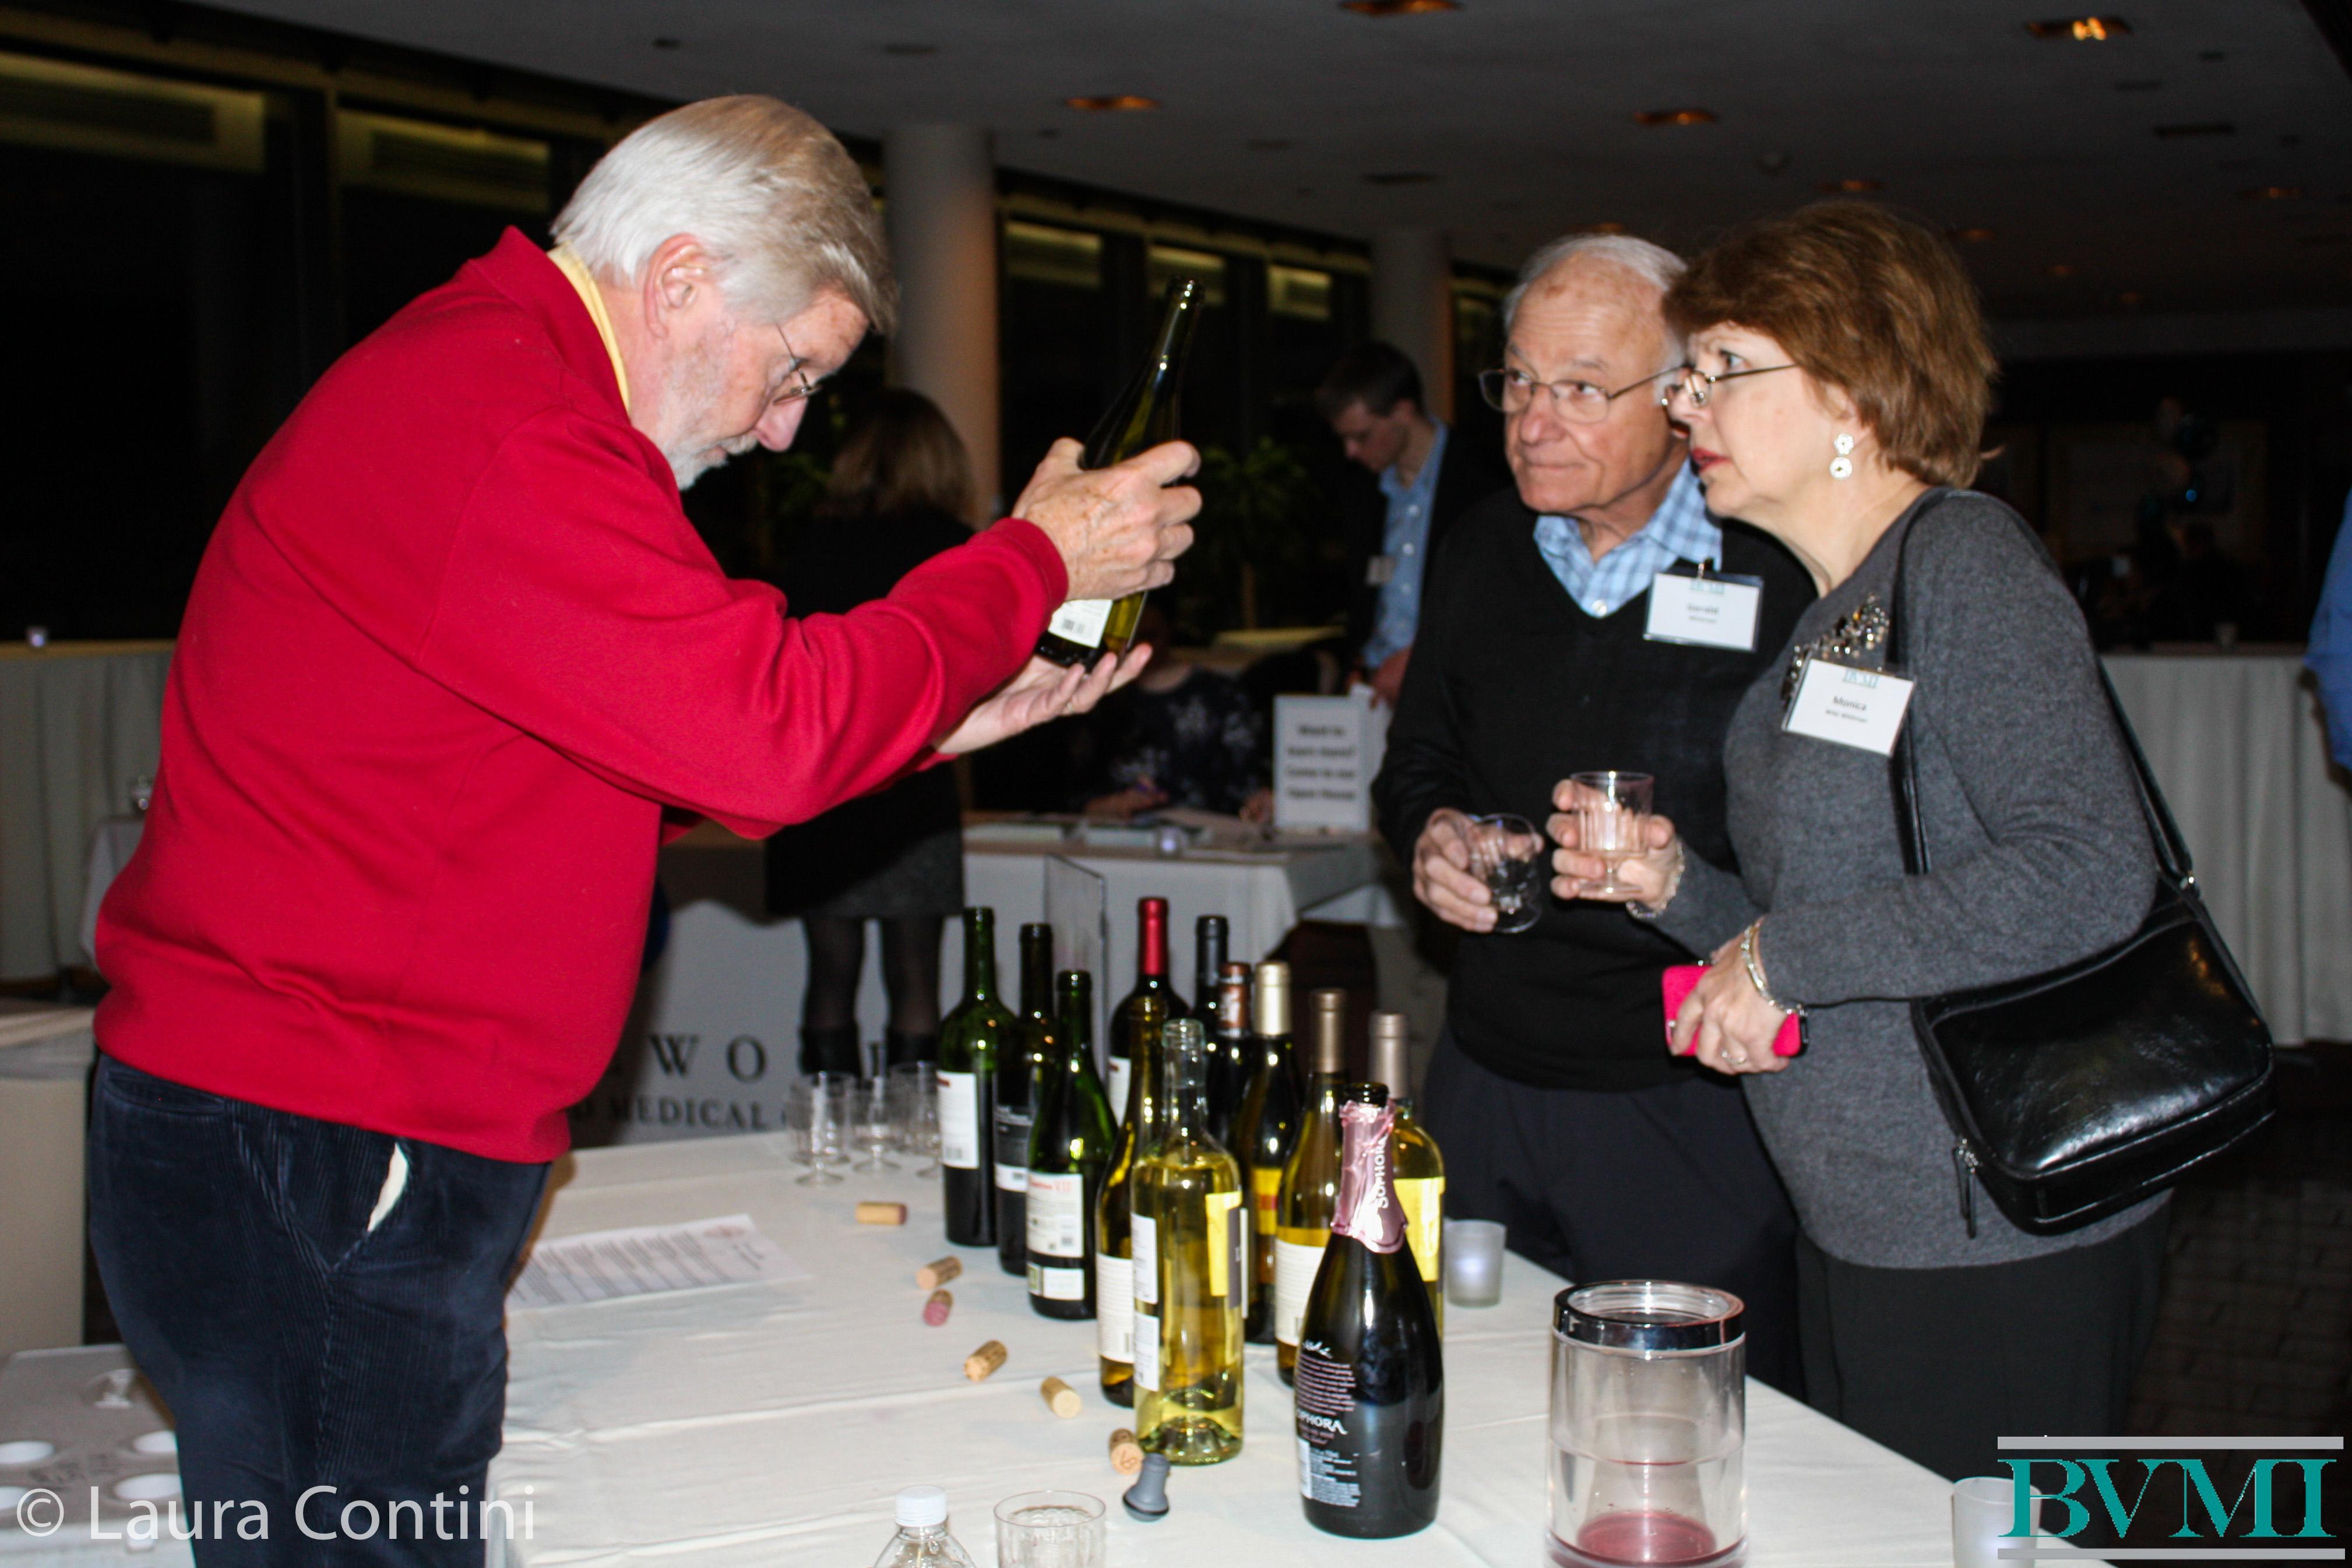 BVMI 2015 Wine Tasting